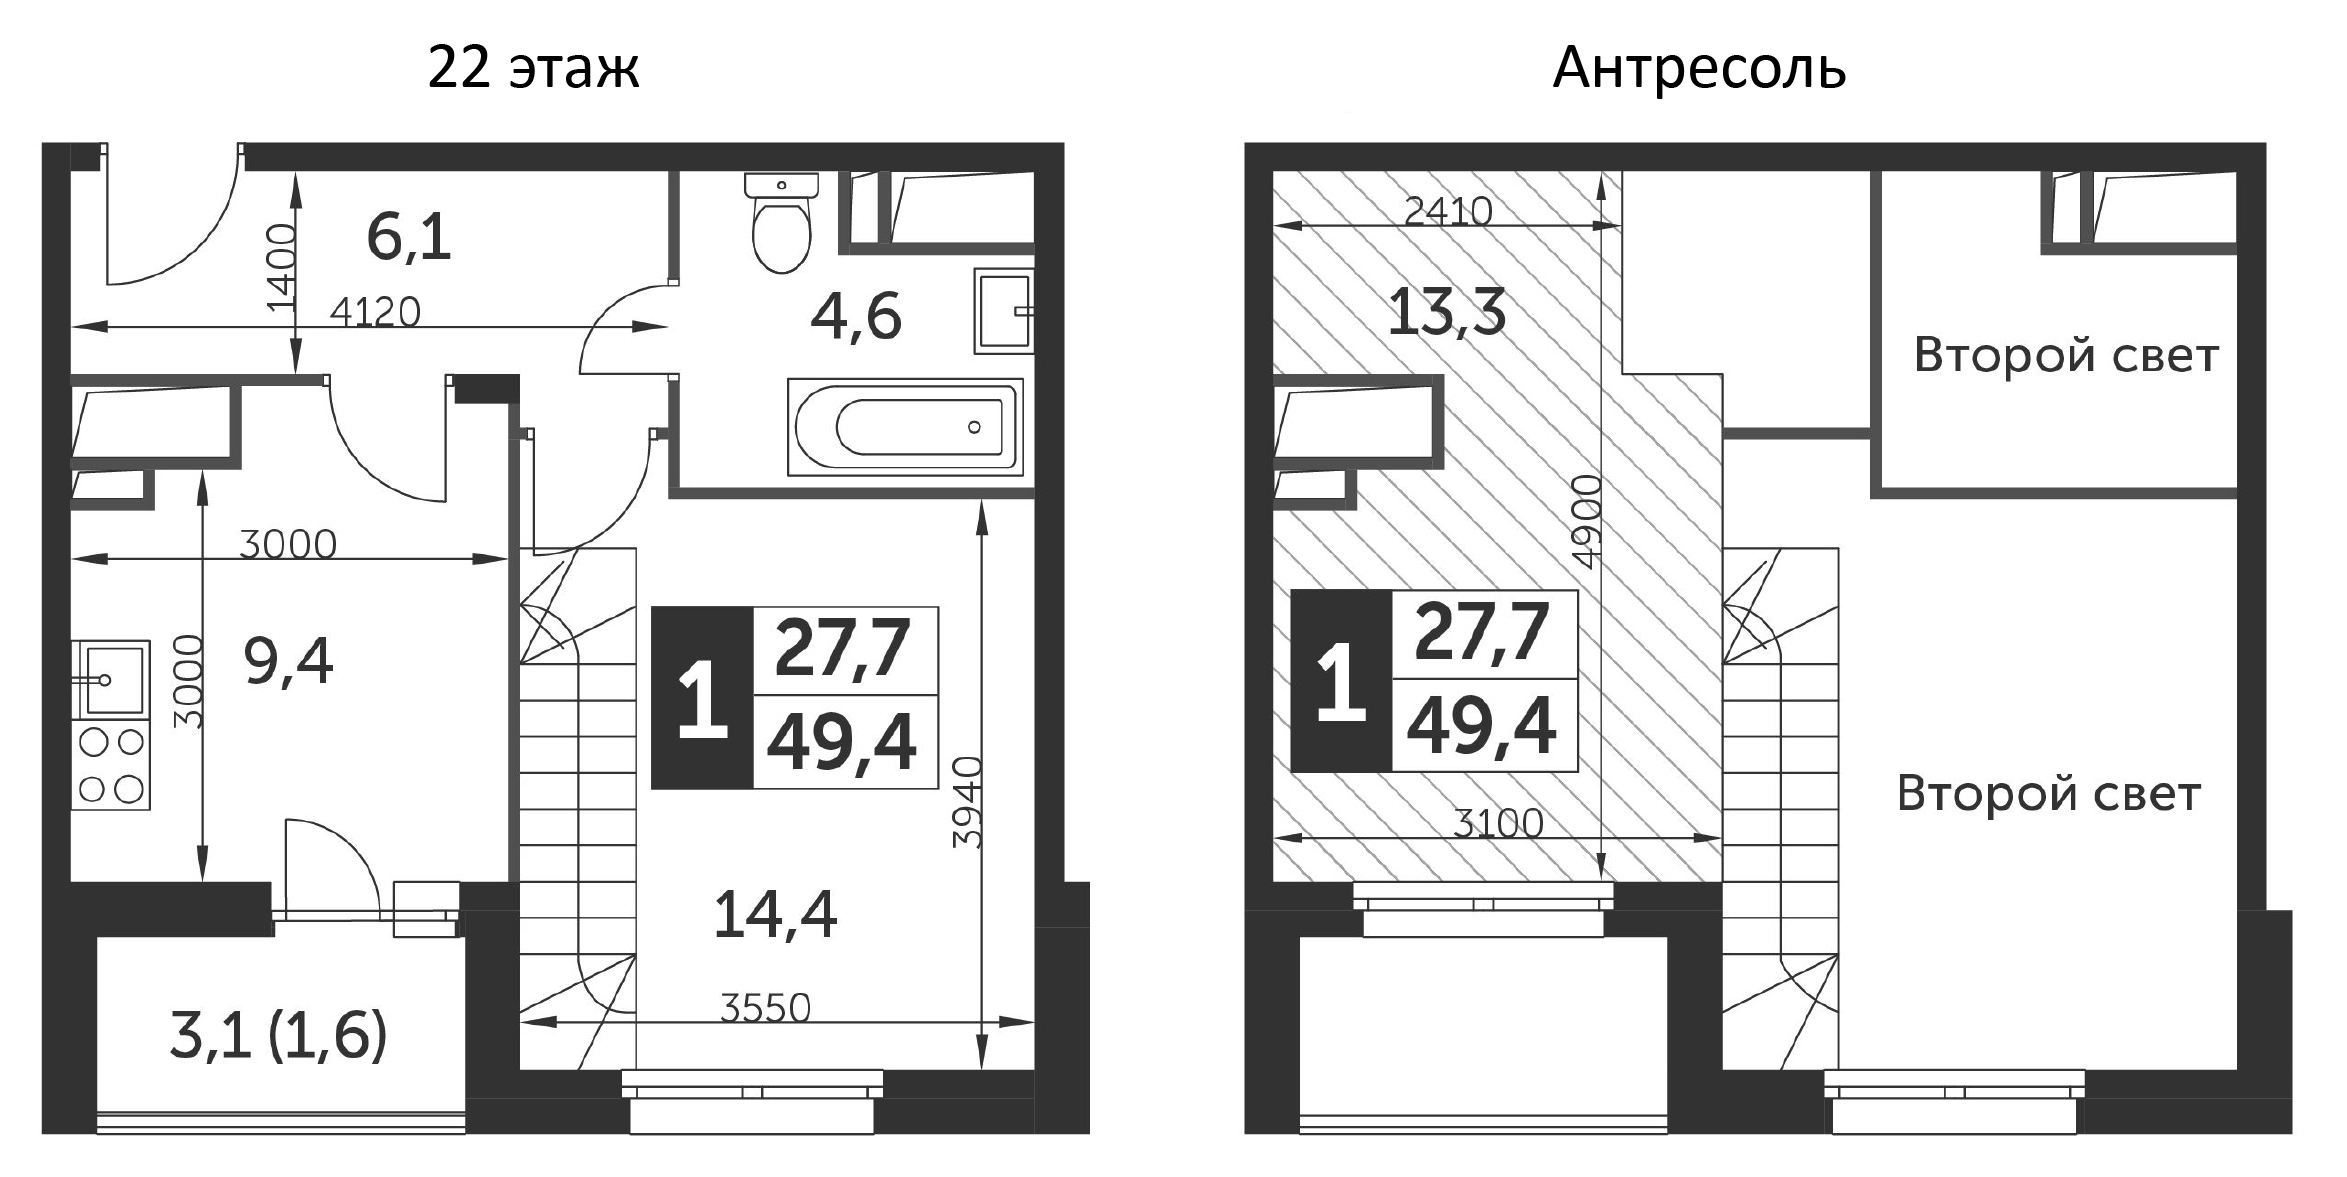 1-комнатная, 49.4 м²– 2